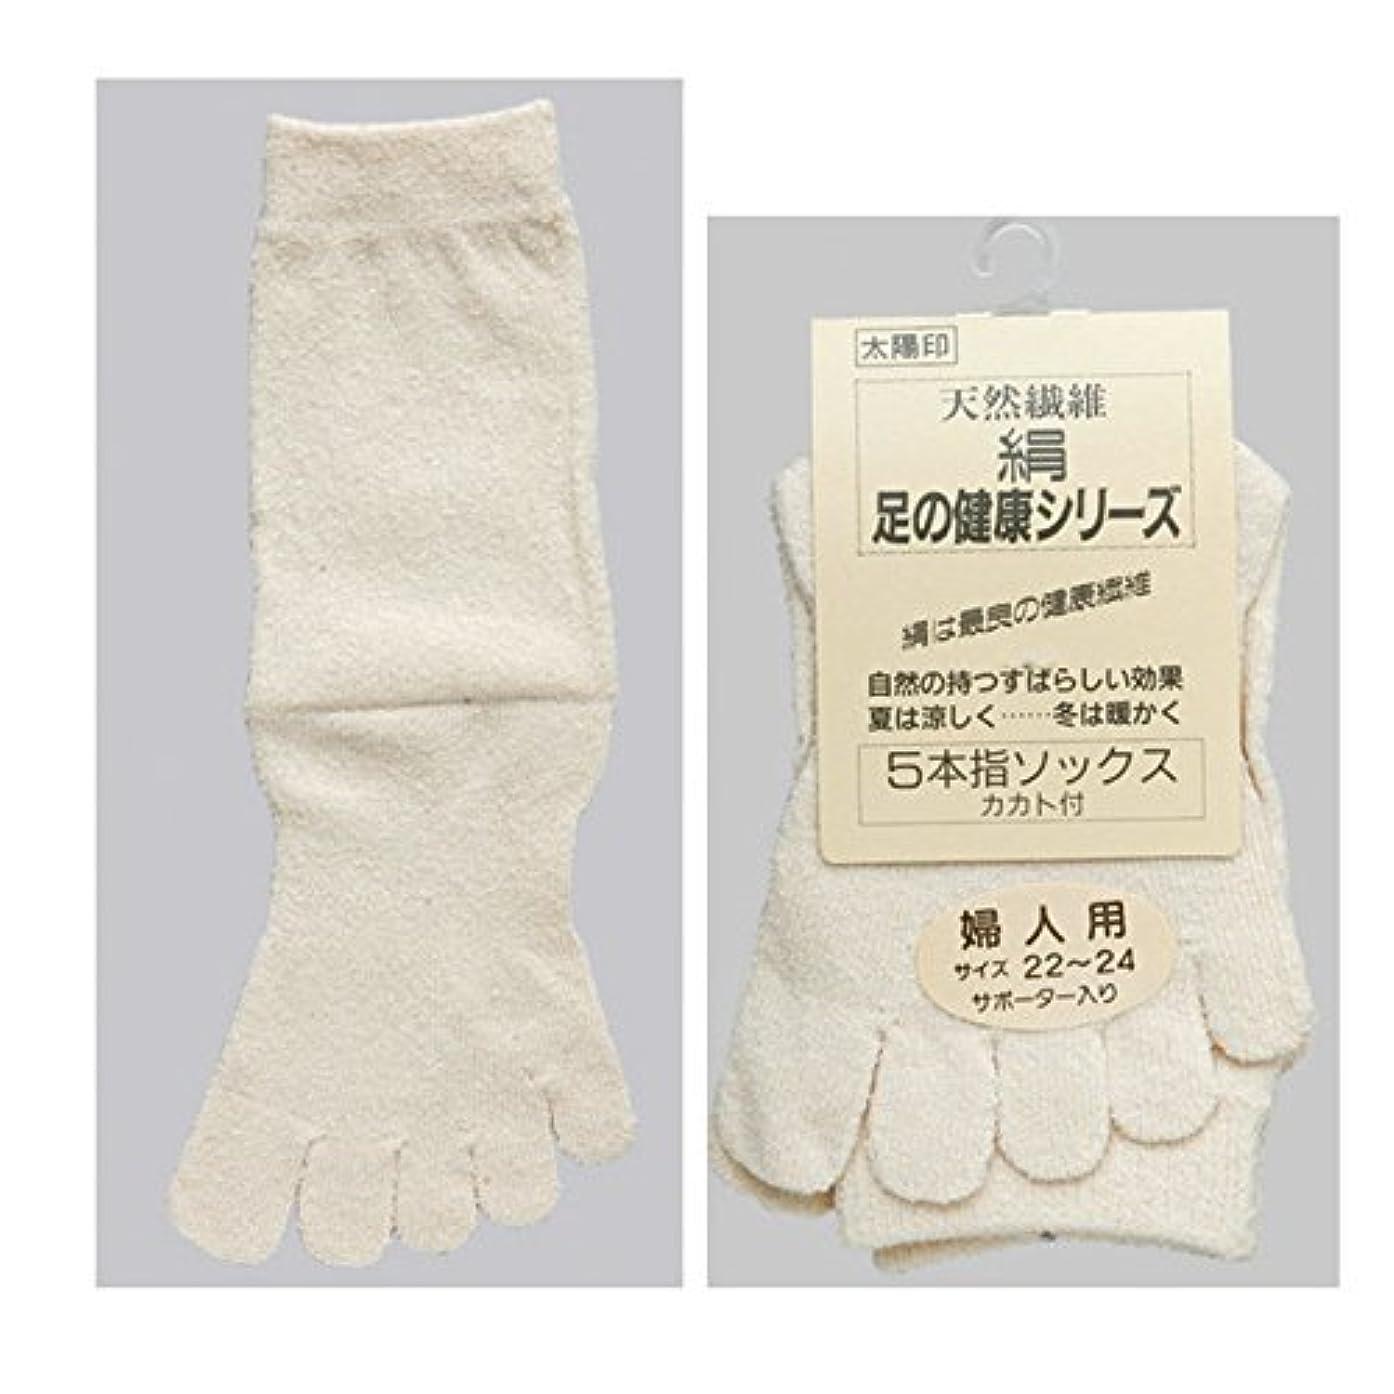 いとこ運ぶ珍しい日本製 シルク5本指ソックス 婦人用3足組 22-24cm (オフ白 お買得3足組) 敬老の日プレゼント